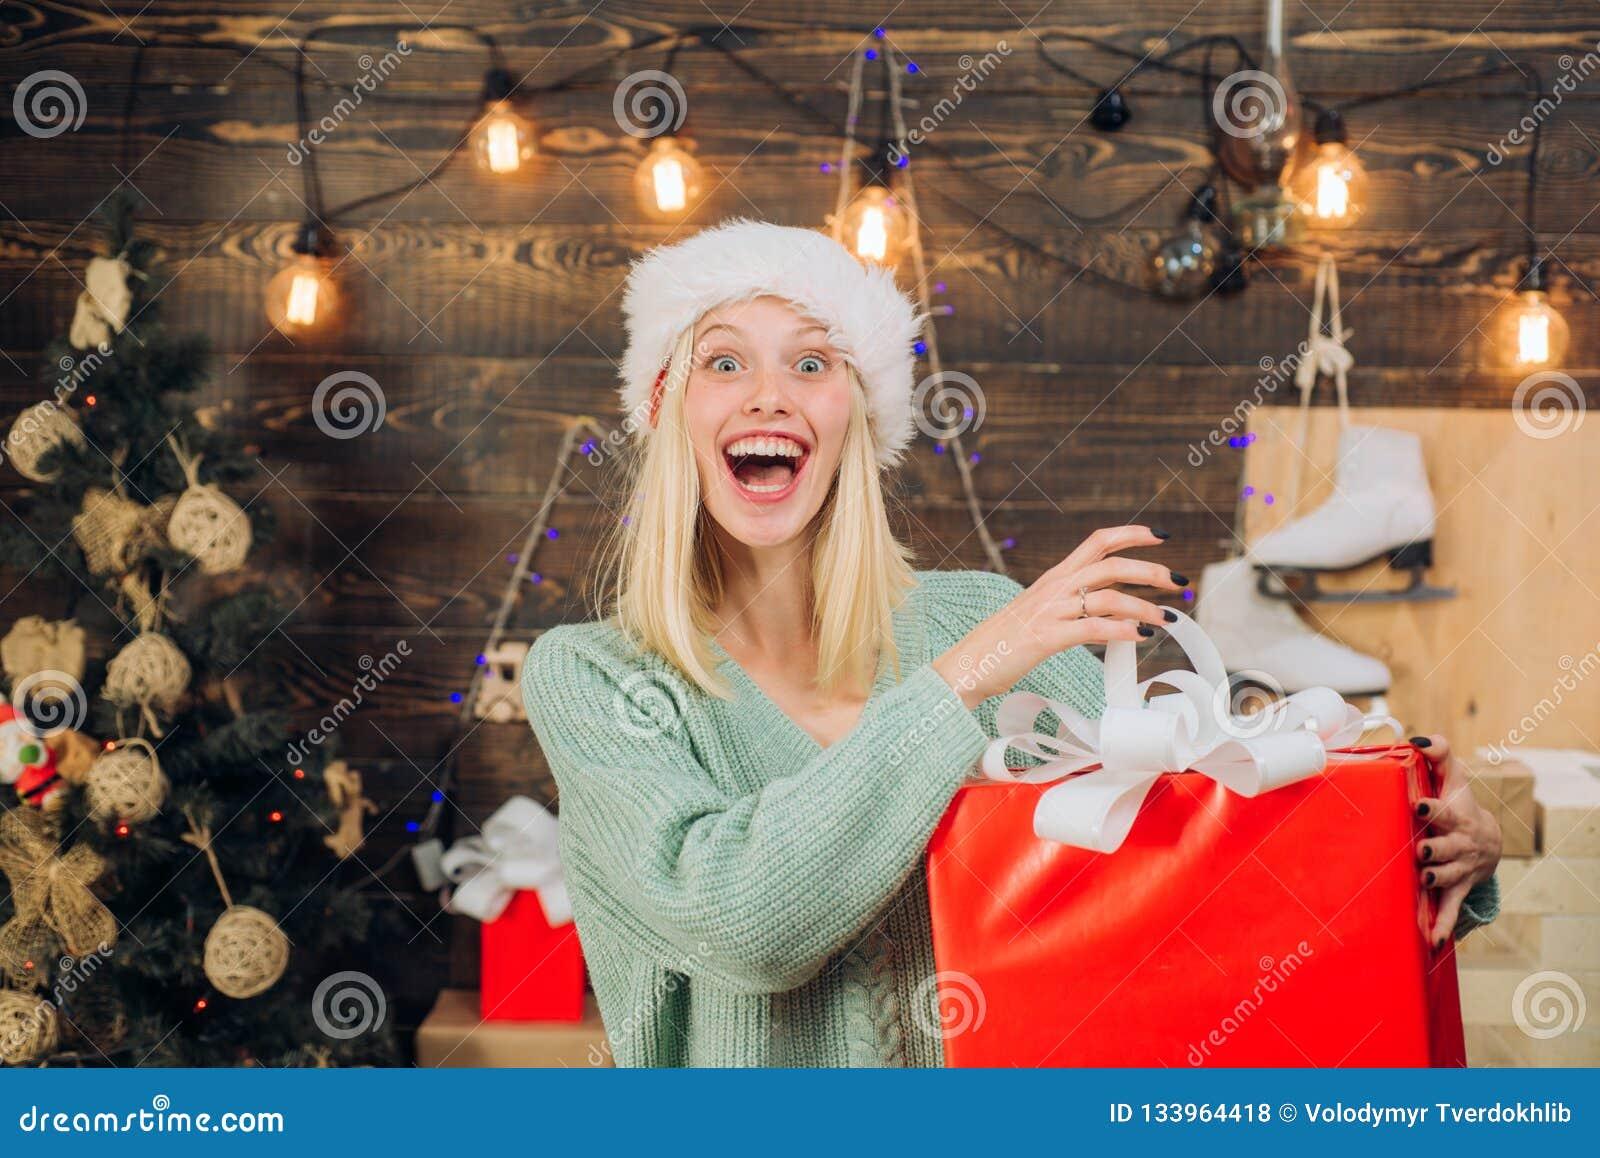 Lycklig sinnesrörelse eufori Galen festlig framsida Le kvinnan som hemma dekorerar julgranen December överraskning och